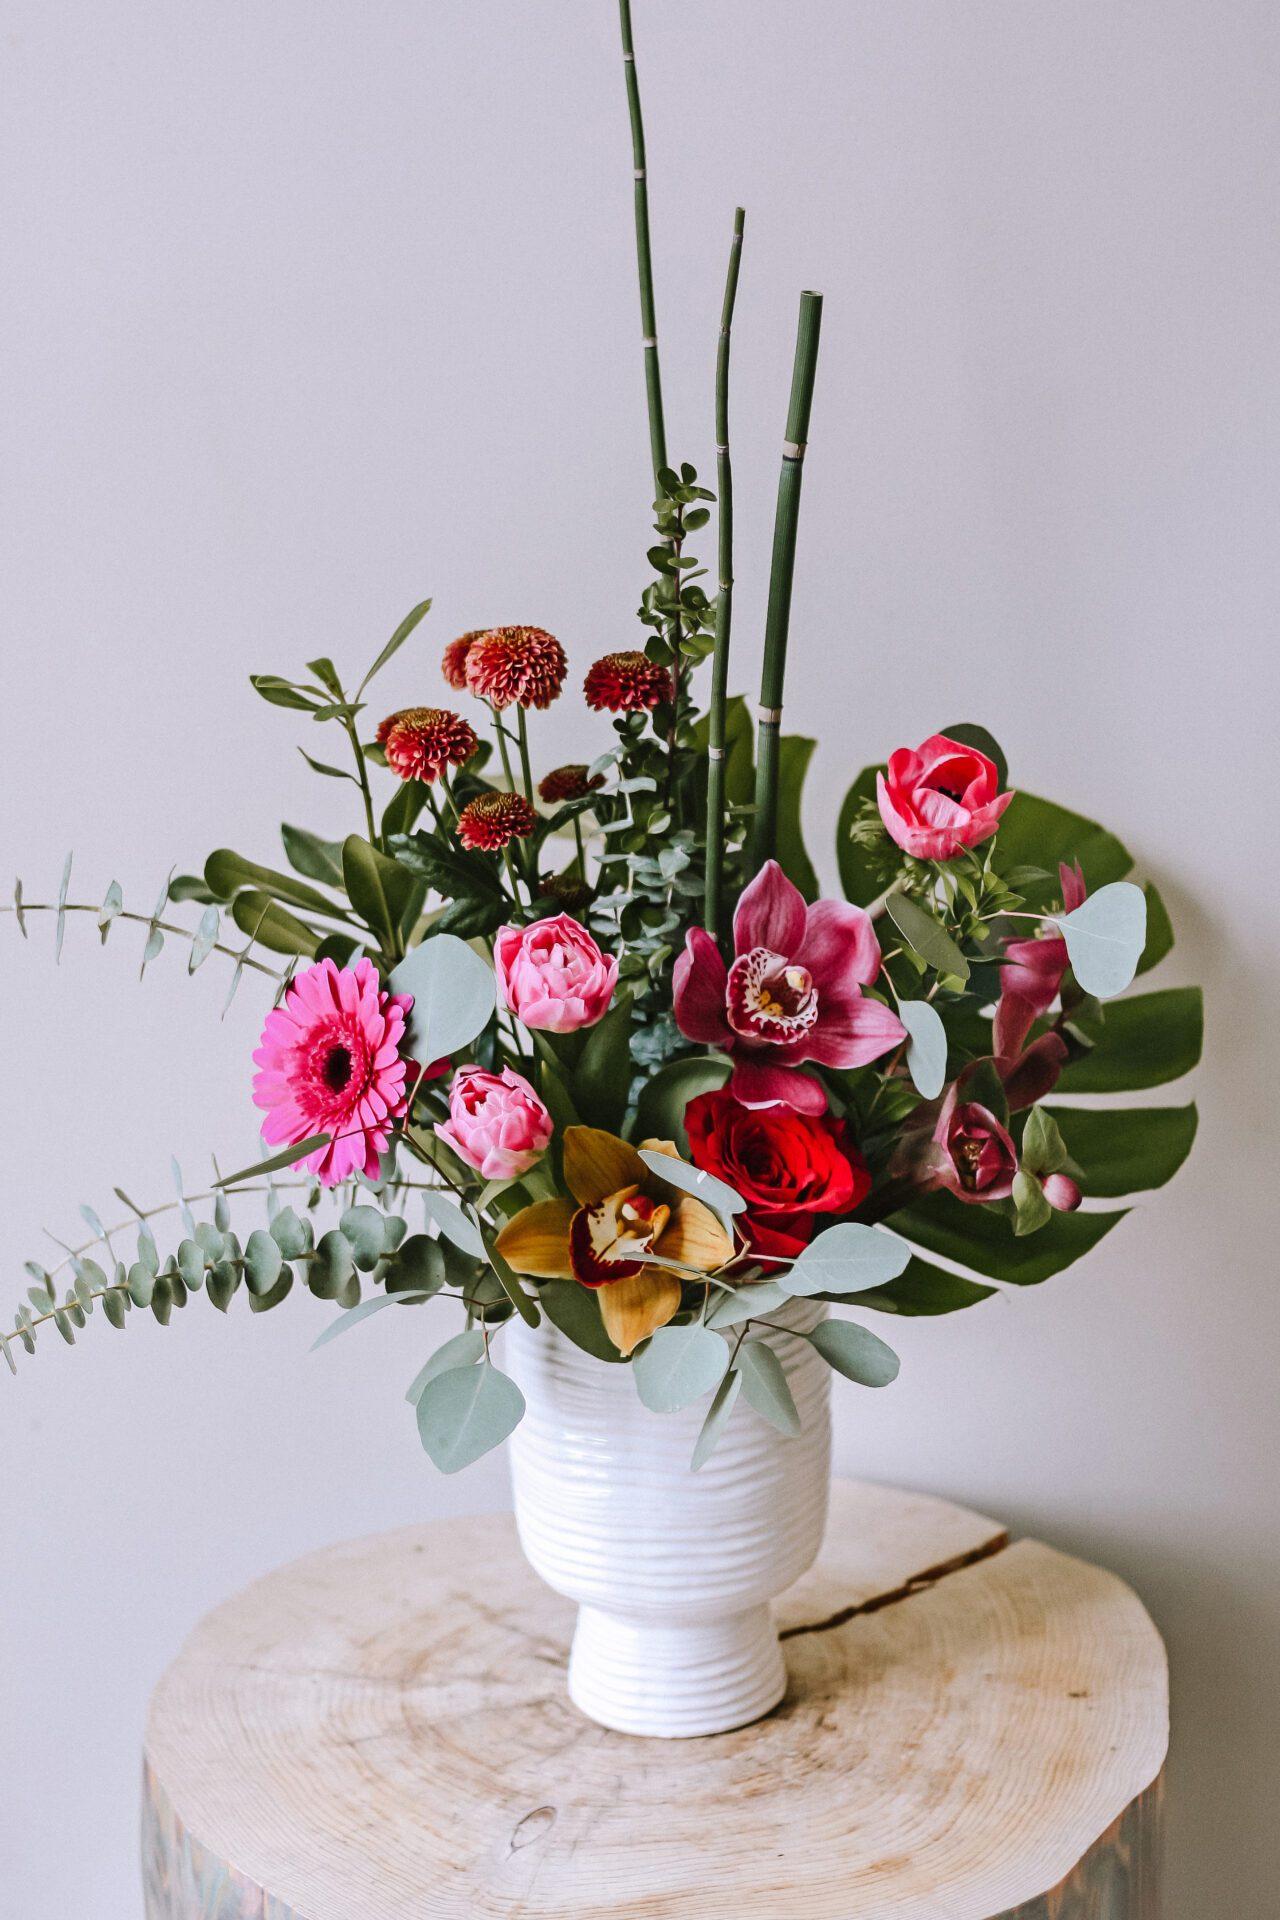 magic stems vase arrangement